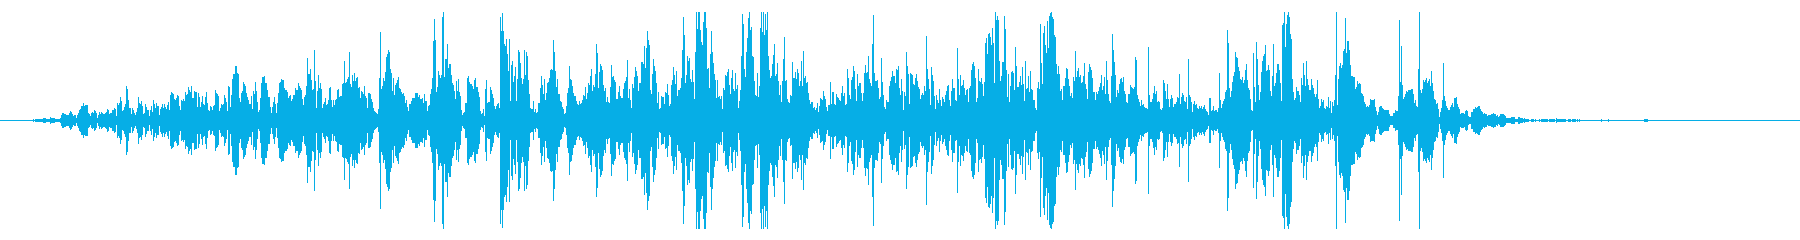 ミディアムロックスライドの再生済みの波形